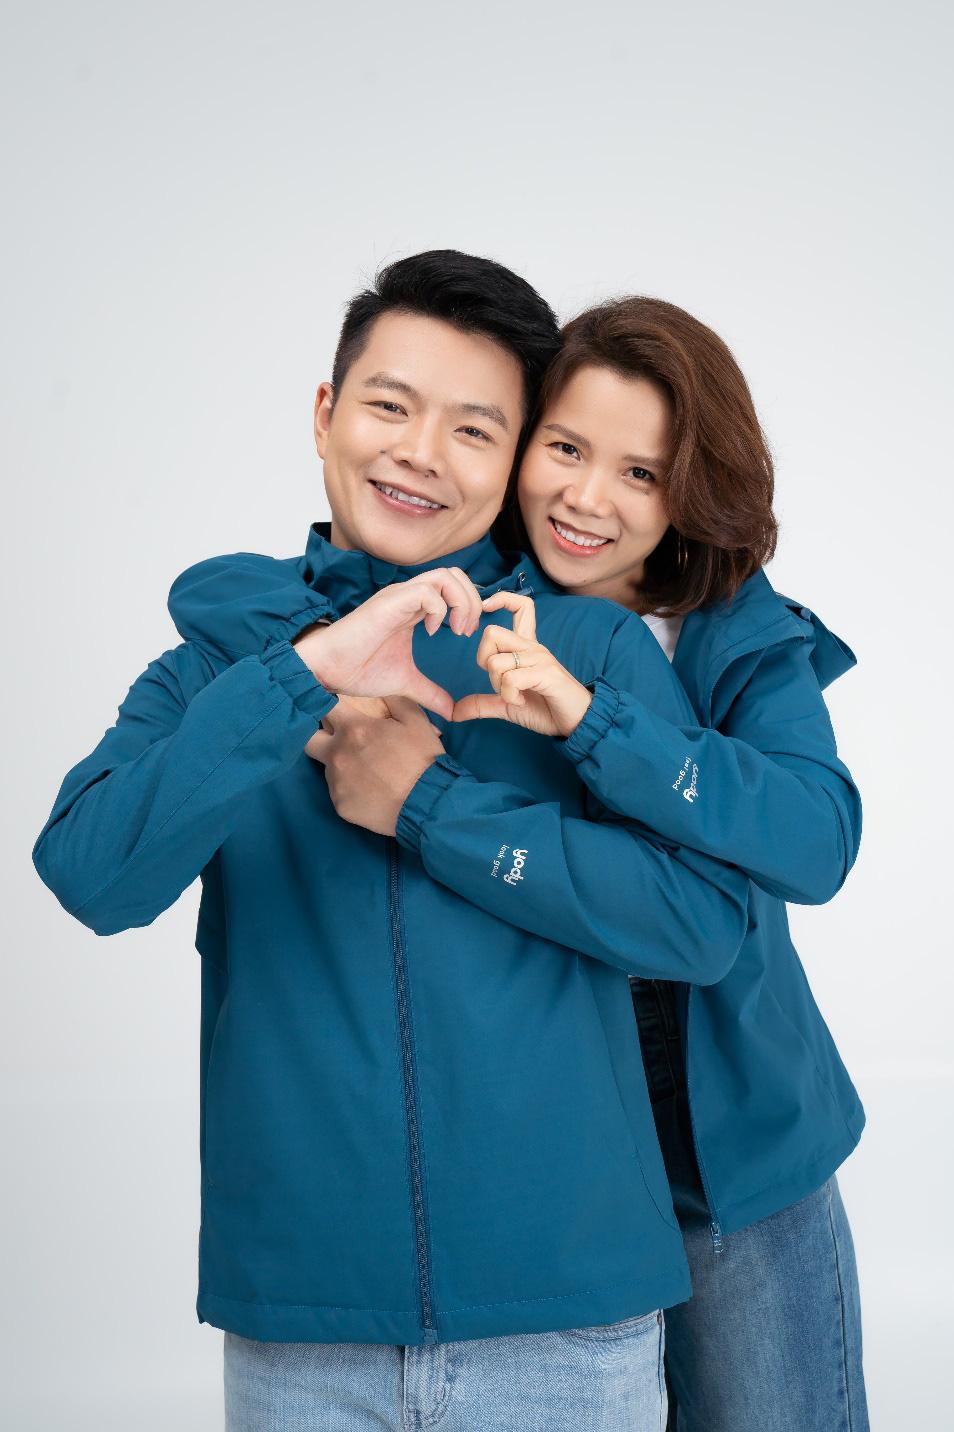 """Hé lộ bộ ảnh """"ngọt lim tim"""" của gia đình CEO Yody trong dự án ra mắt sản phẩm thu - đông 2021 - Ảnh 1."""